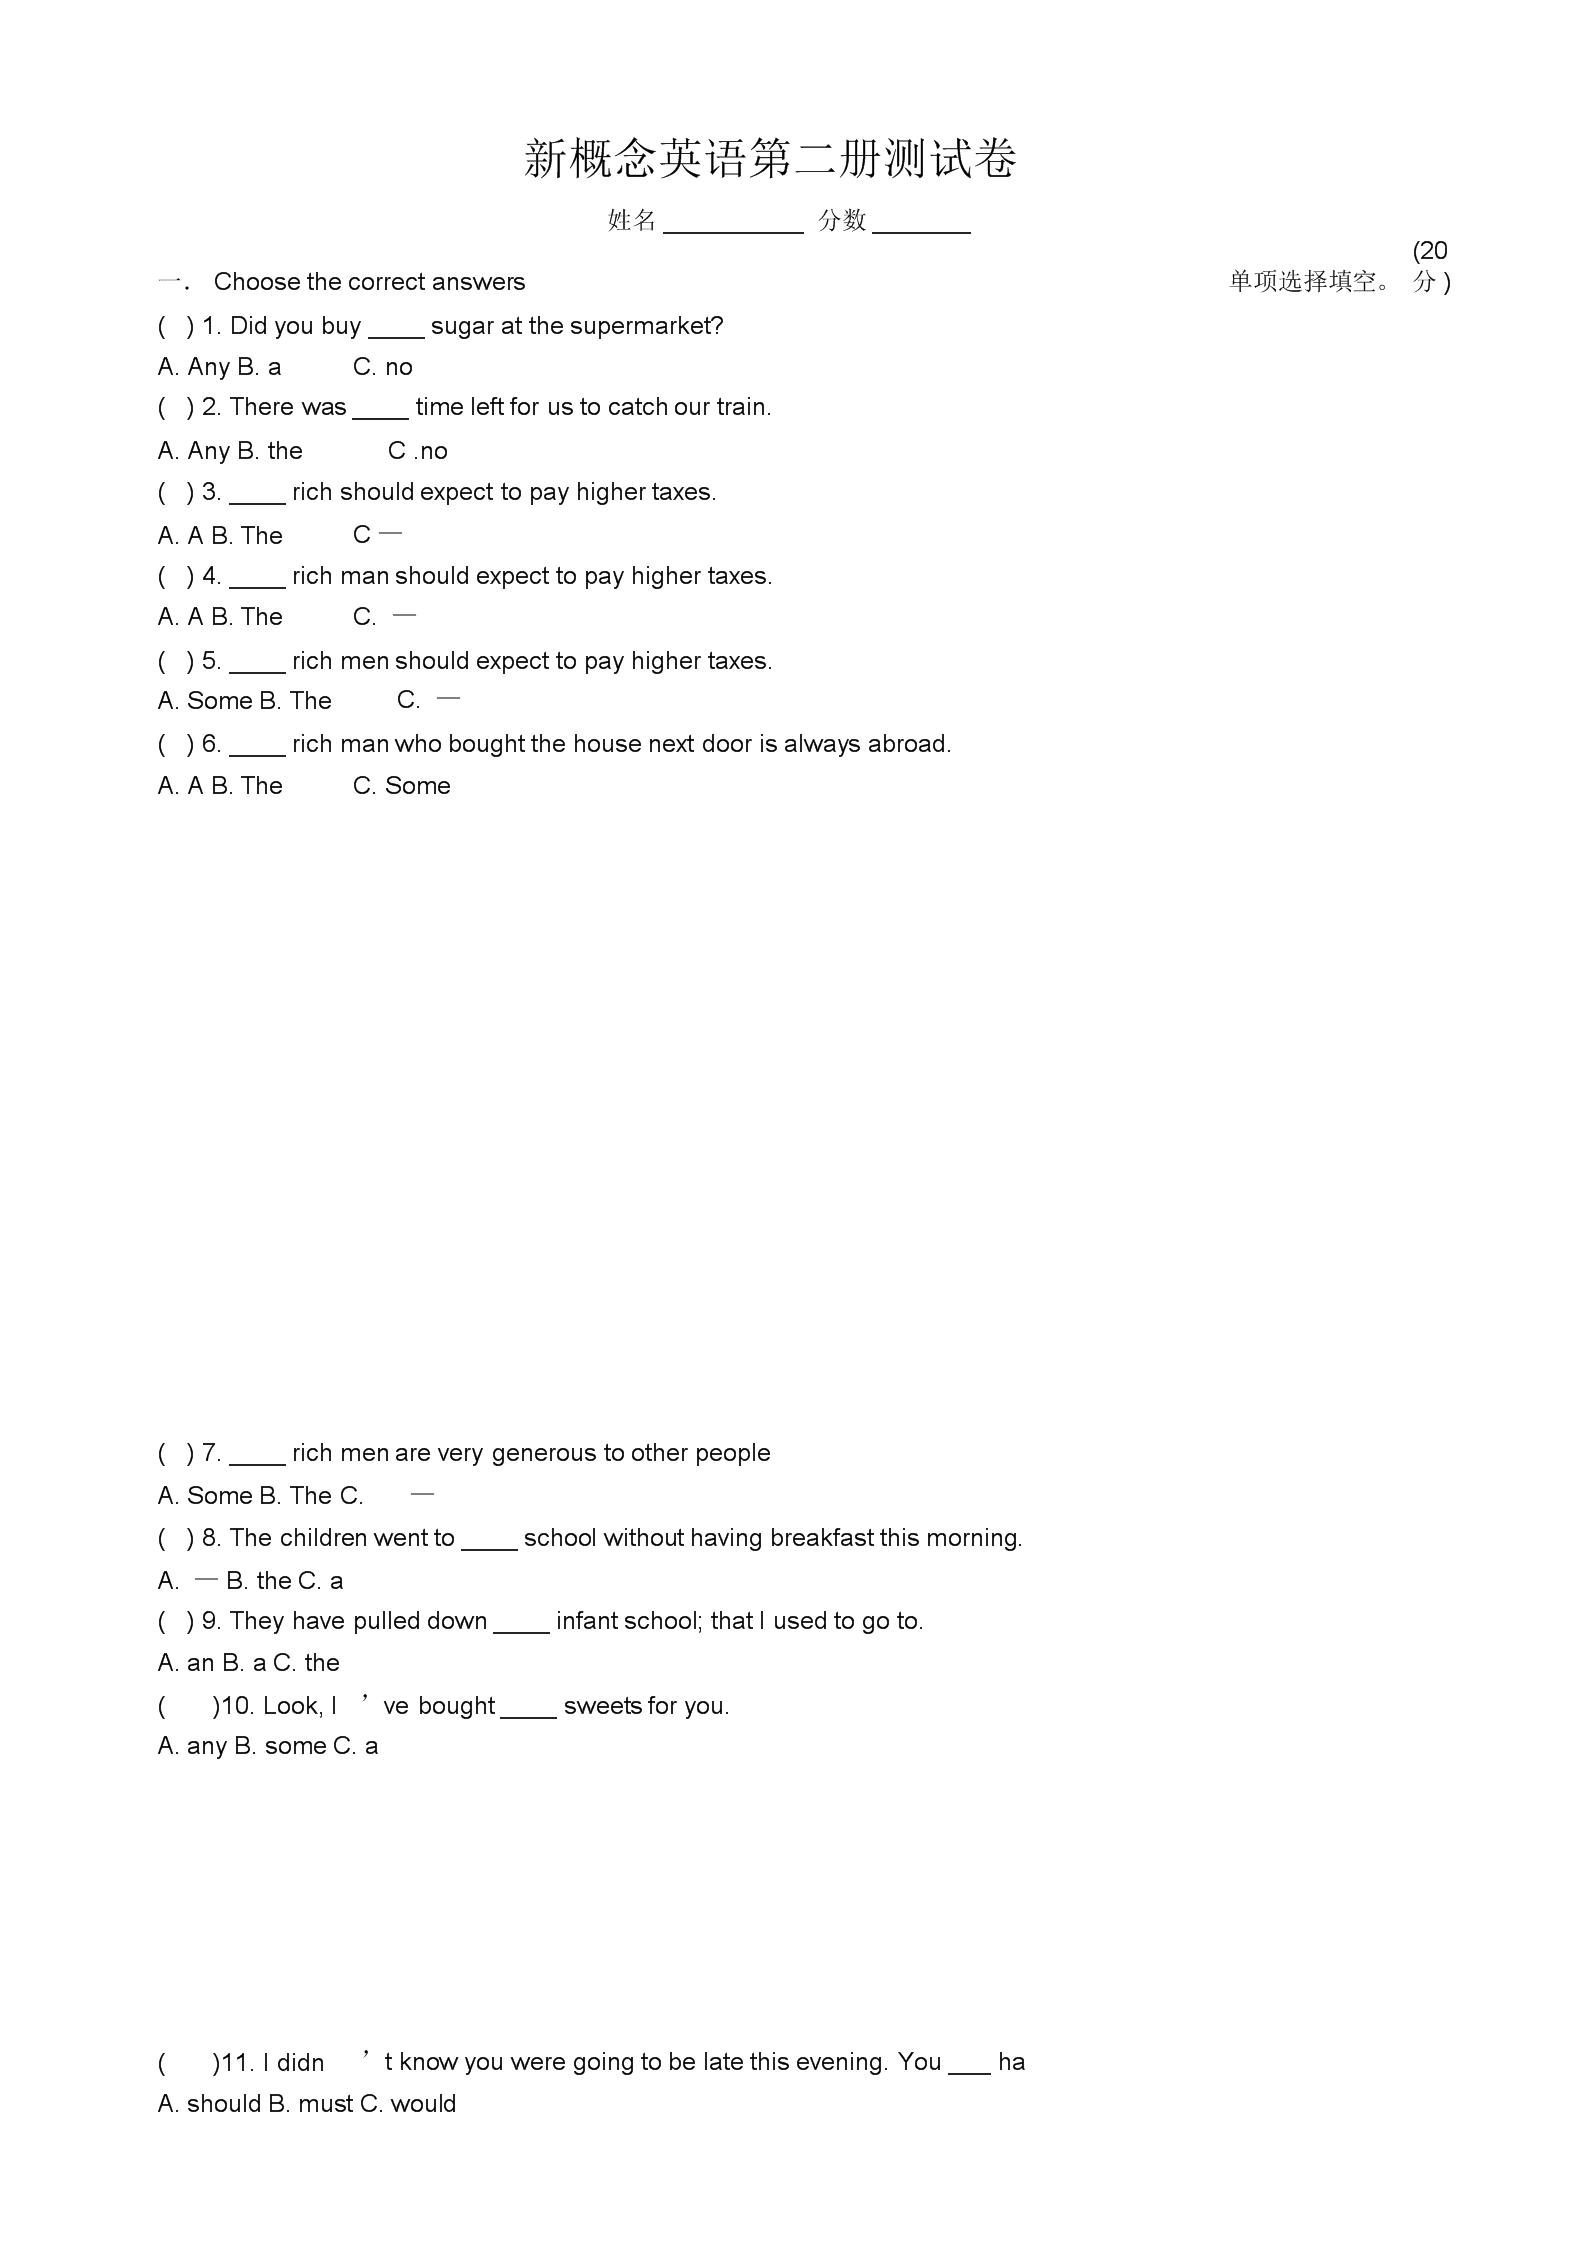 新概念2测试卷试题及包括答案.docx